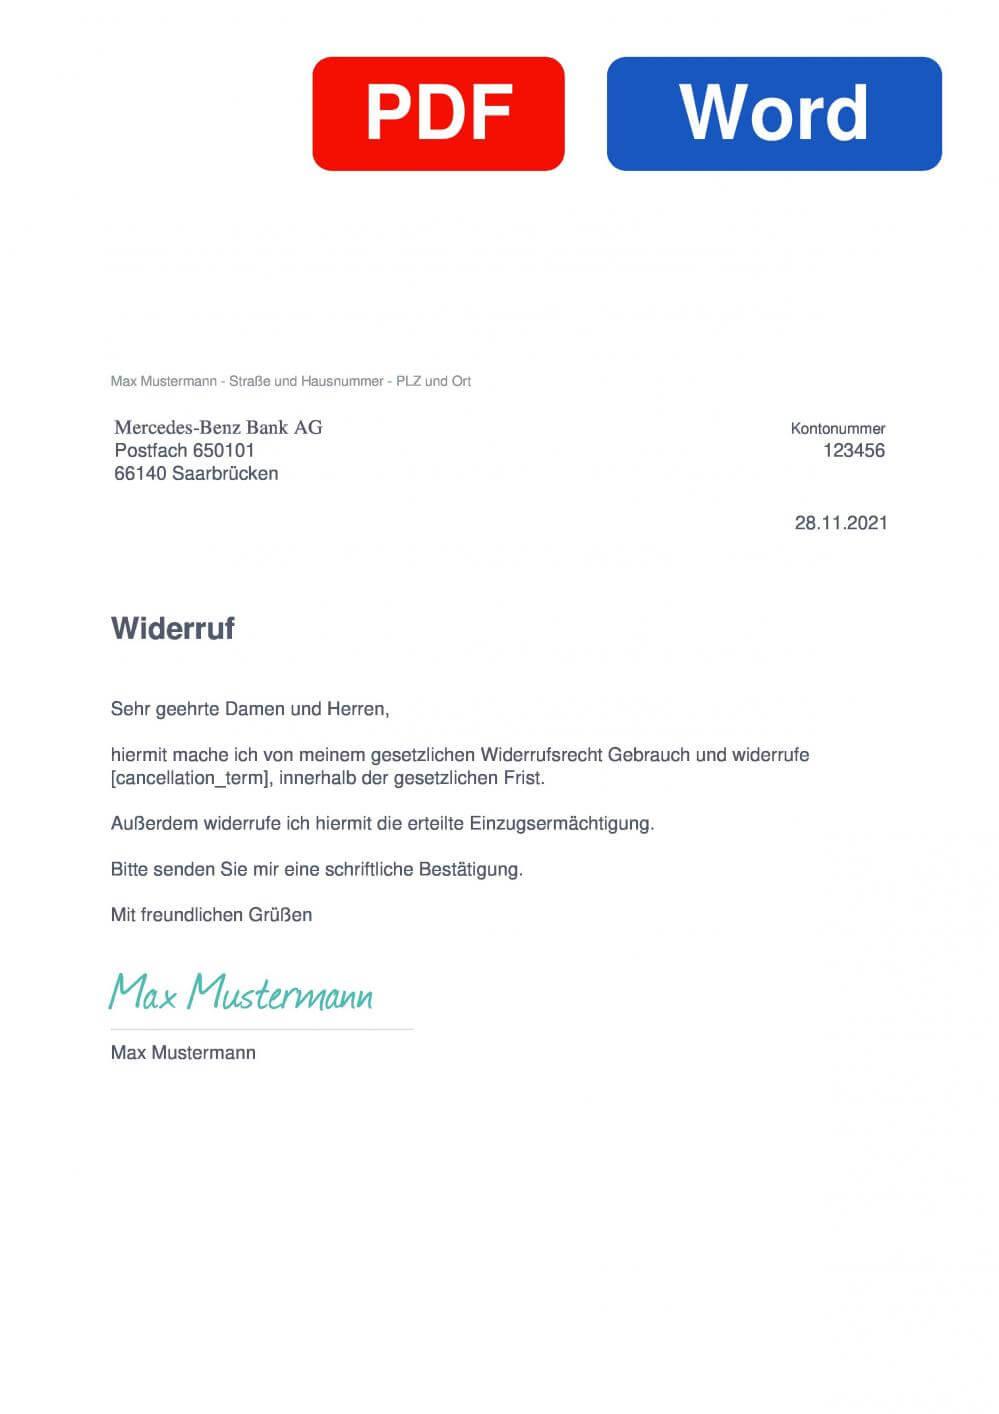 Mercedes Benz Bank Muster Vorlage für Wiederrufsschreiben